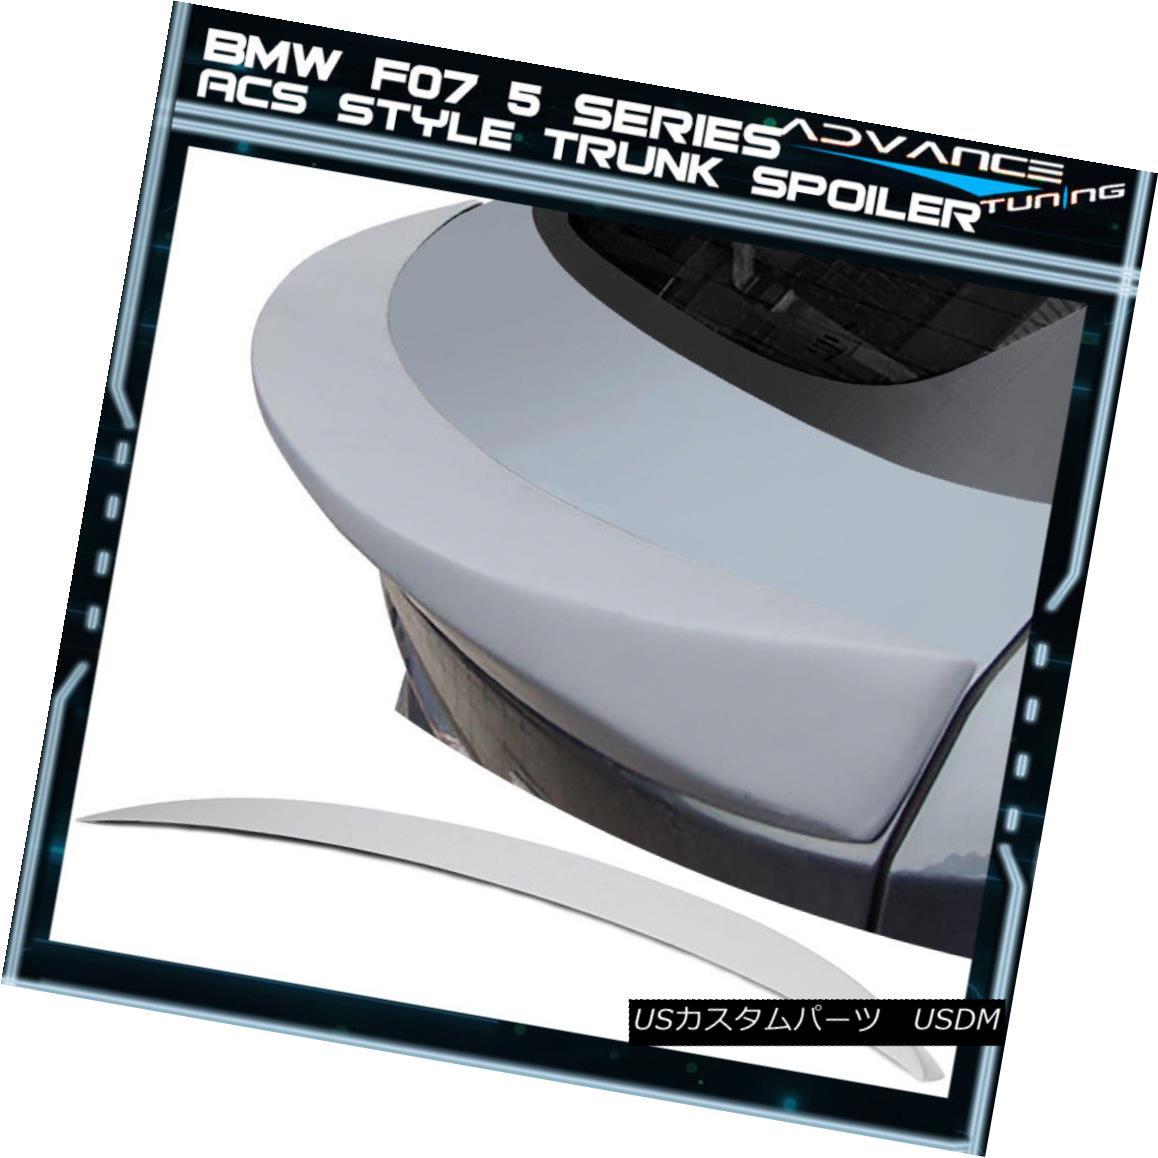 エアロパーツ 10-15 BMW F07 5 Series GT HB AC Style Unpainted Trunk Spoiler - ABS 10-15 BMW F07 5シリーズGT HB ACスタイル無塗装トランク・スポイラー - ABS